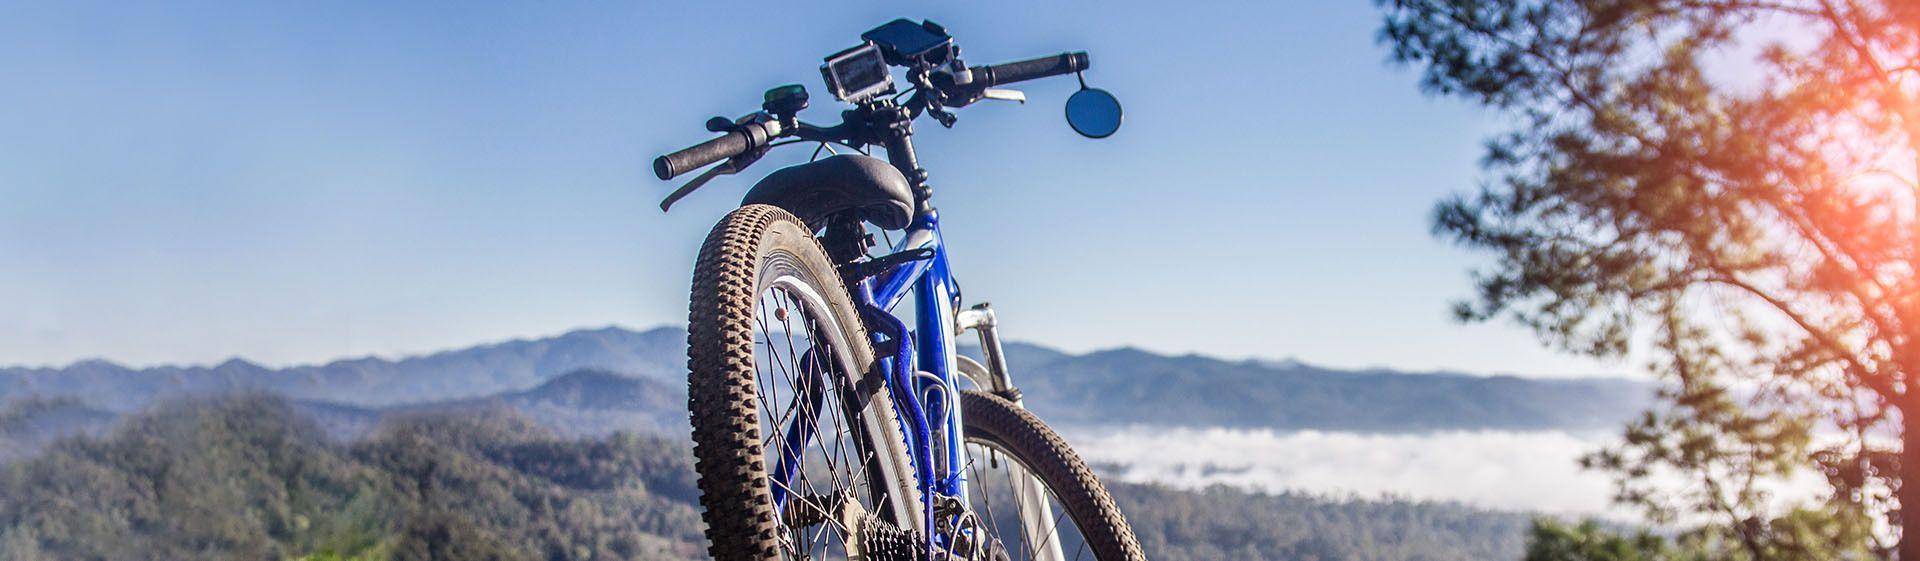 Melhor bicicleta de 2021: 13 modelos para comprar